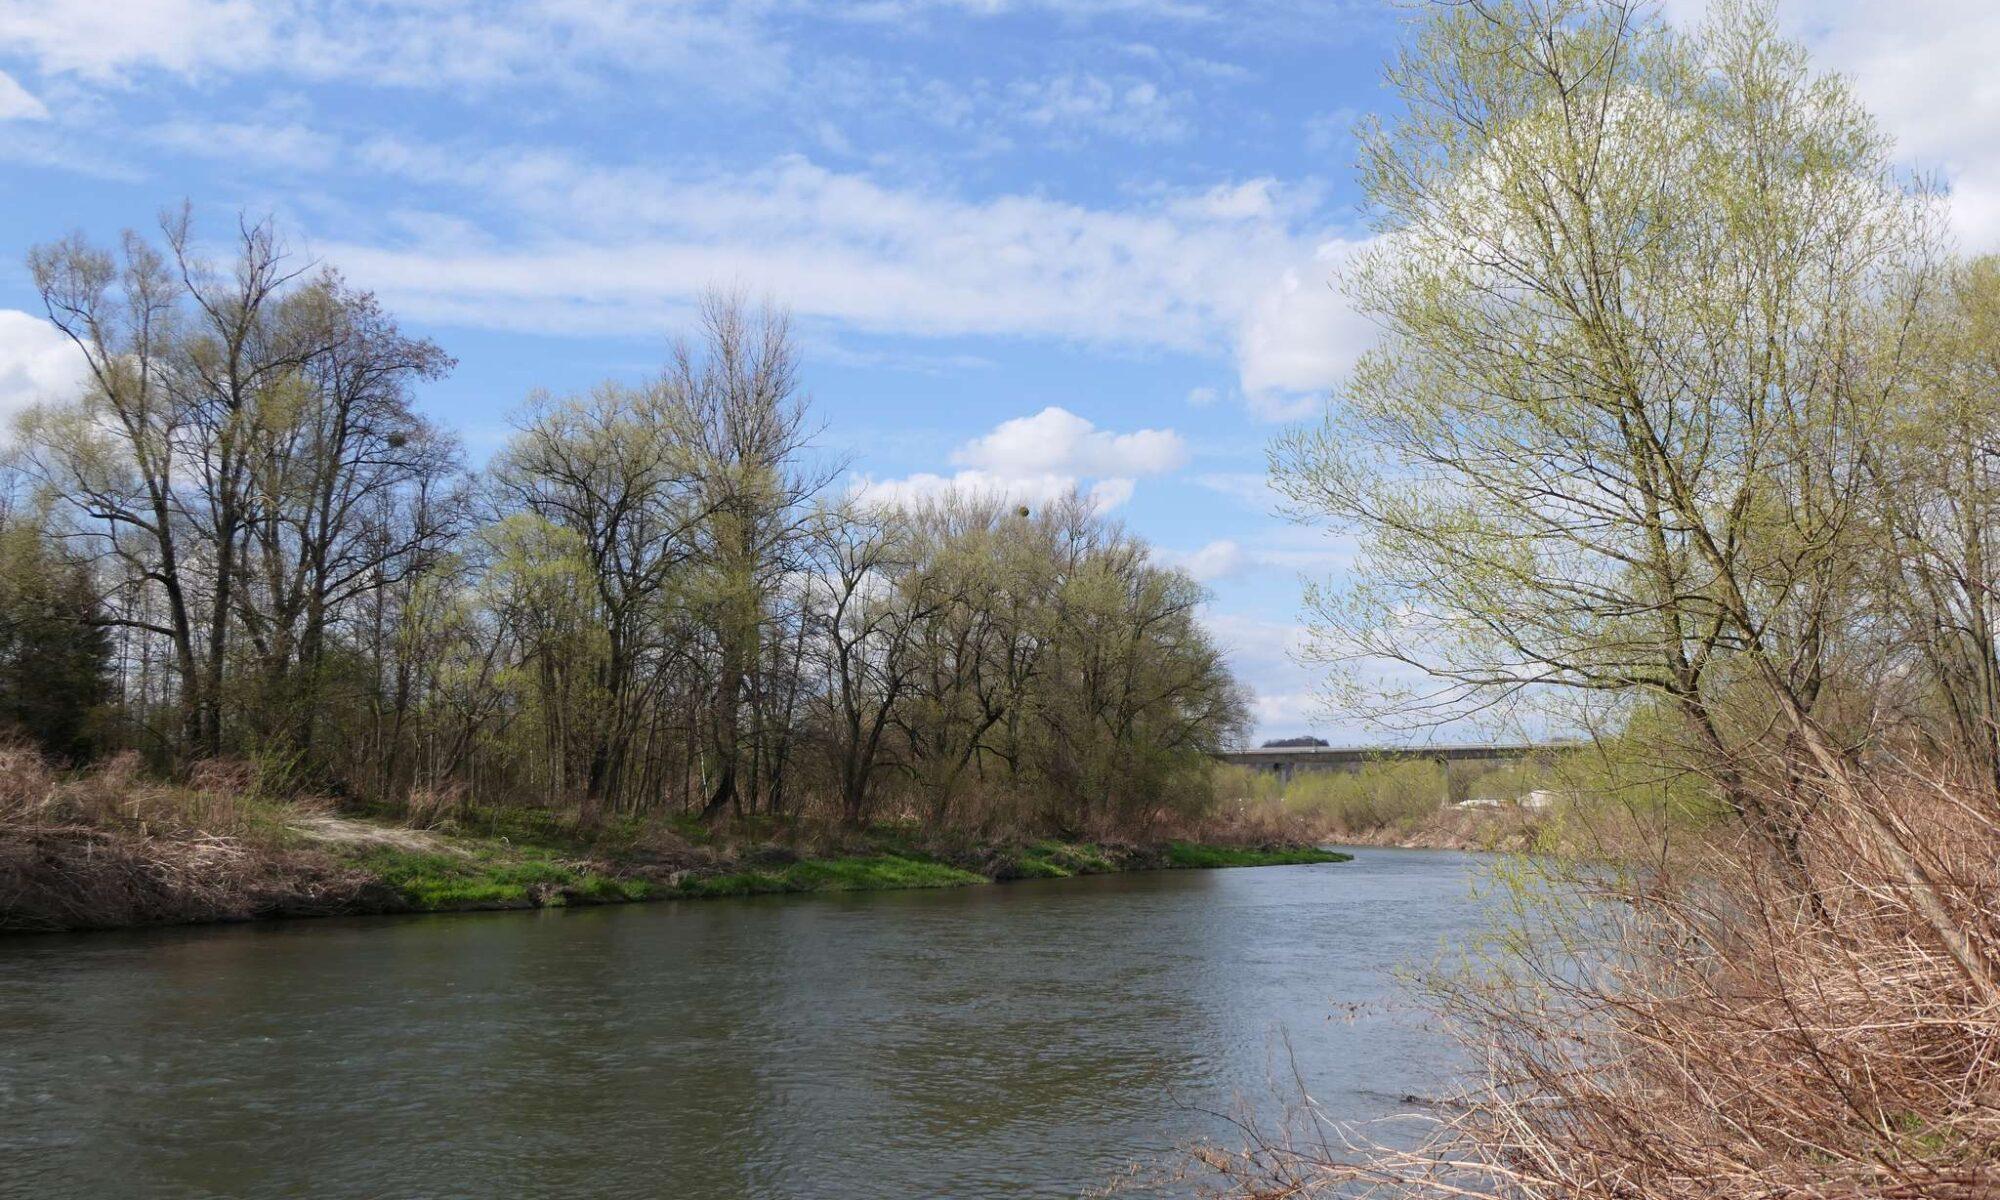 Im dalej od centrum, tym więcej zieleni również na czeskim brzegu Olzy.